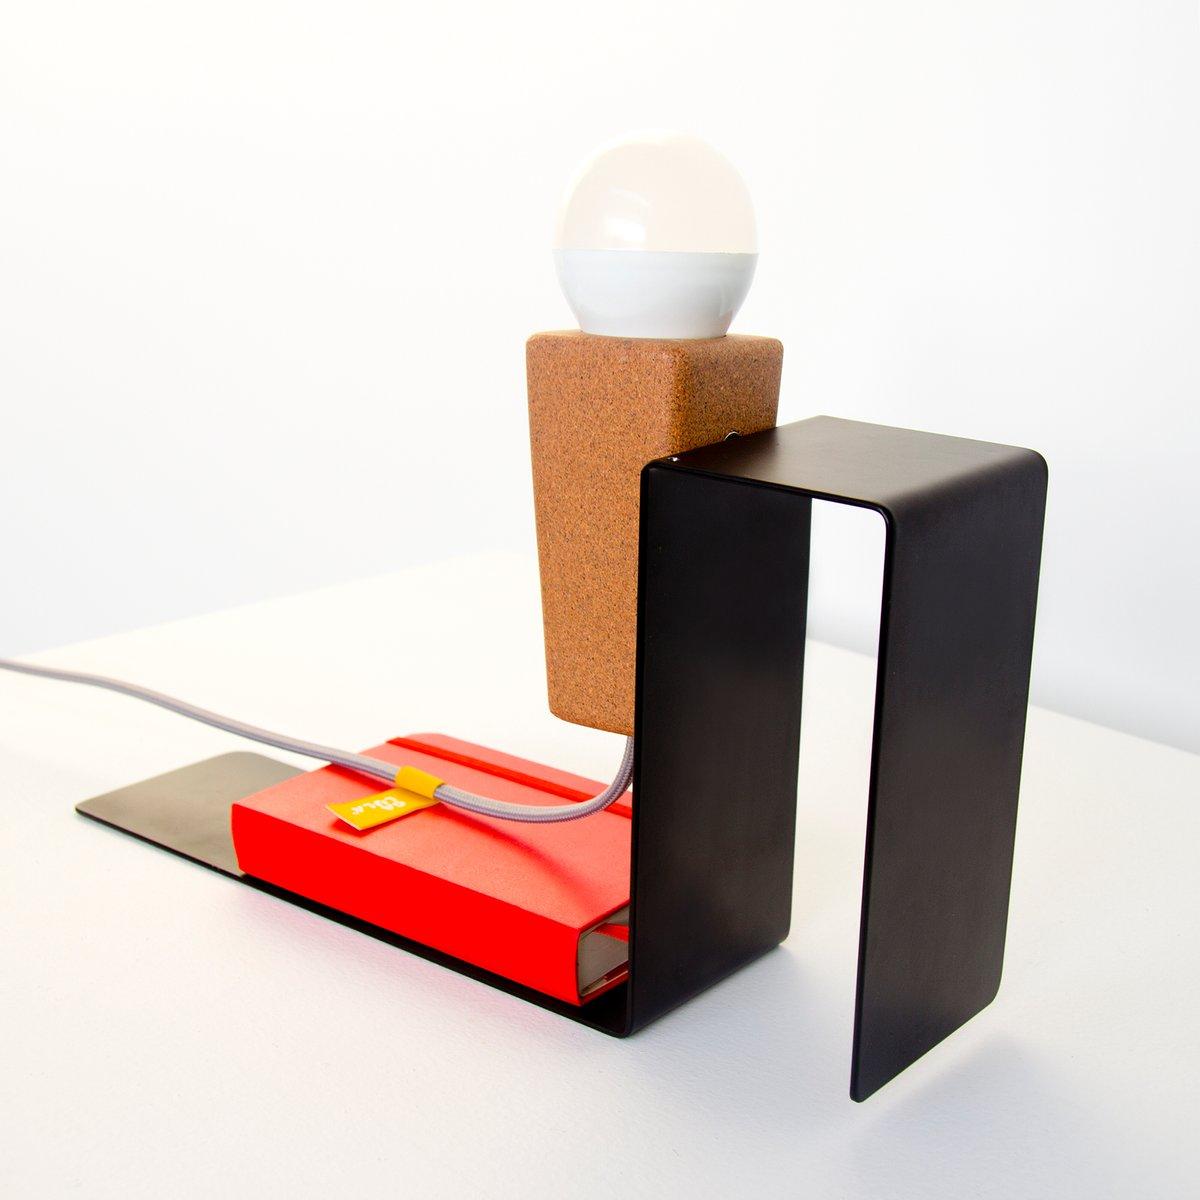 Lampada da tavolo glint 1 con base nera e cavo grigio di mendes macedo per galula in vendita su - Base lampada da tavolo ...